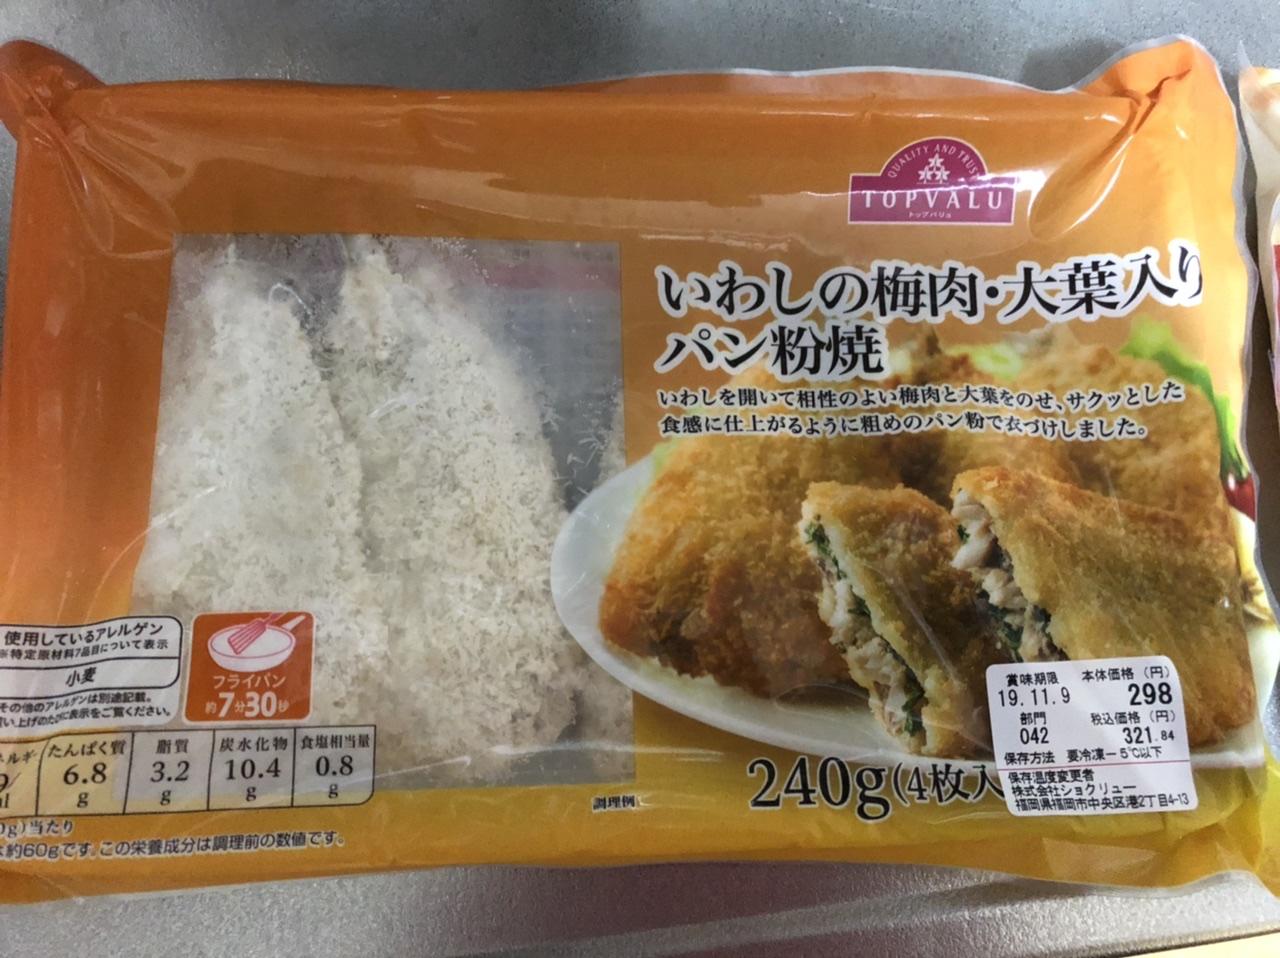 イオンの冷凍食品